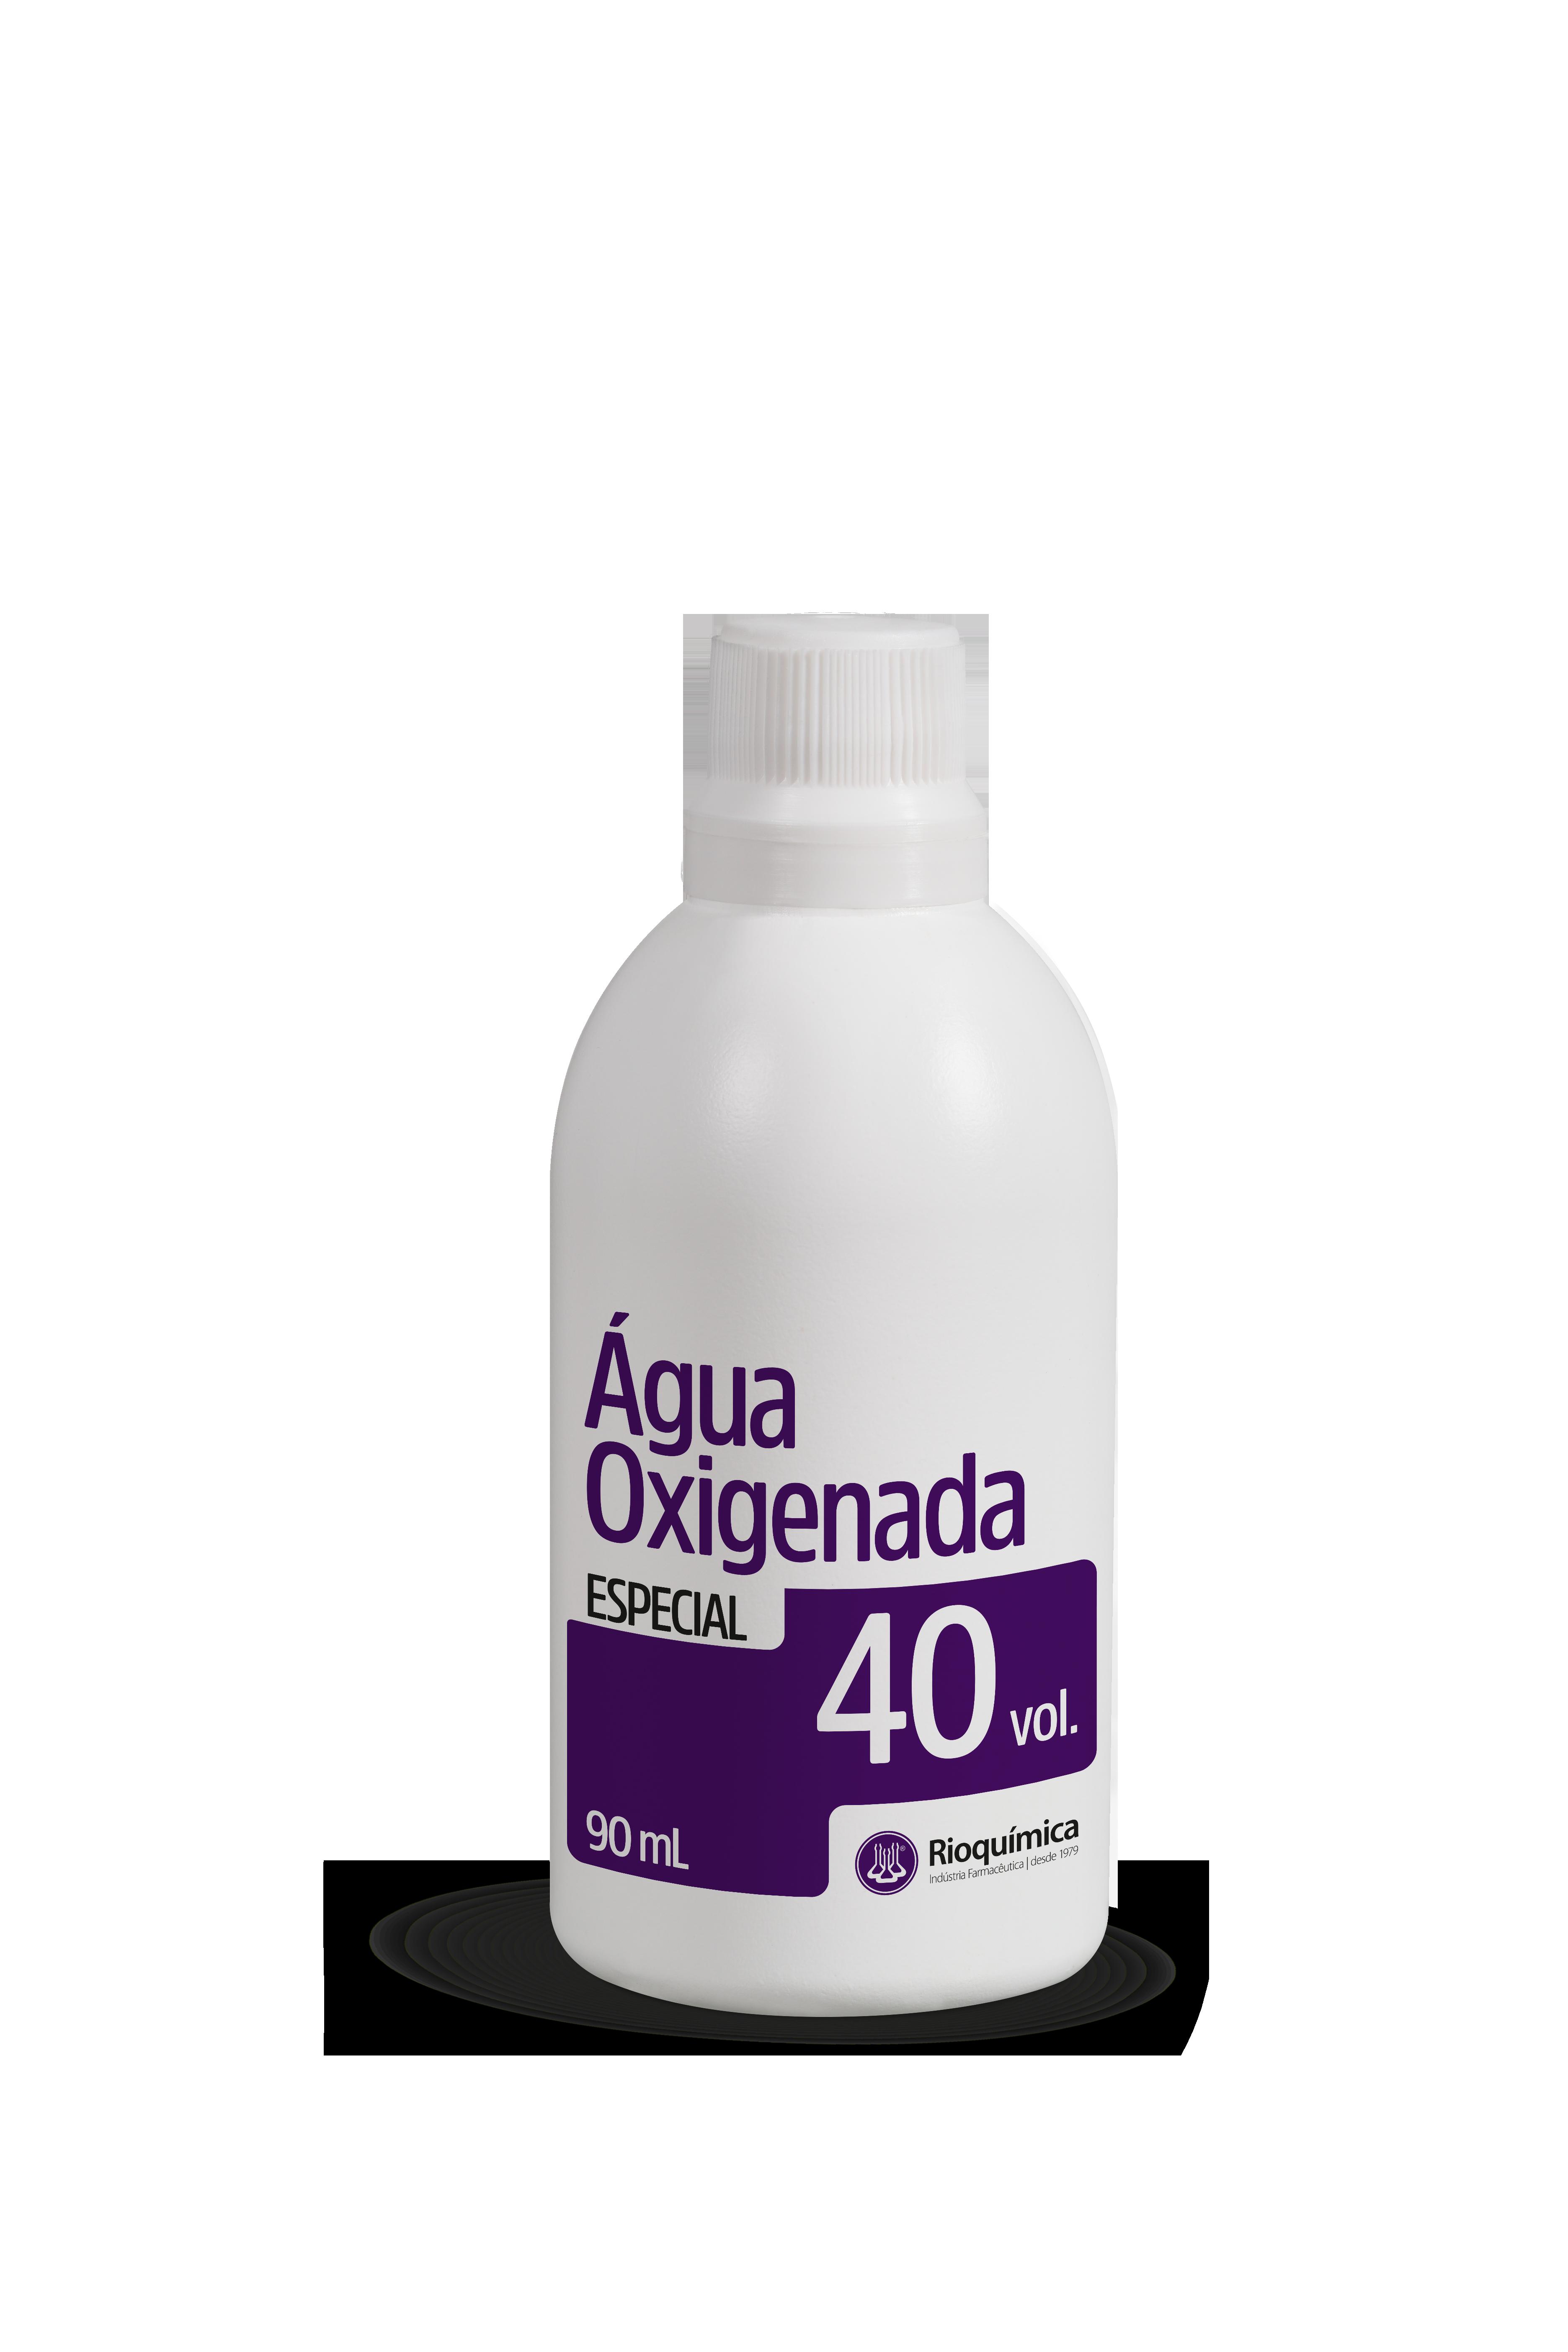 Rio QuímicaÁgua Oxigenada Especial 40 vol. 90ml